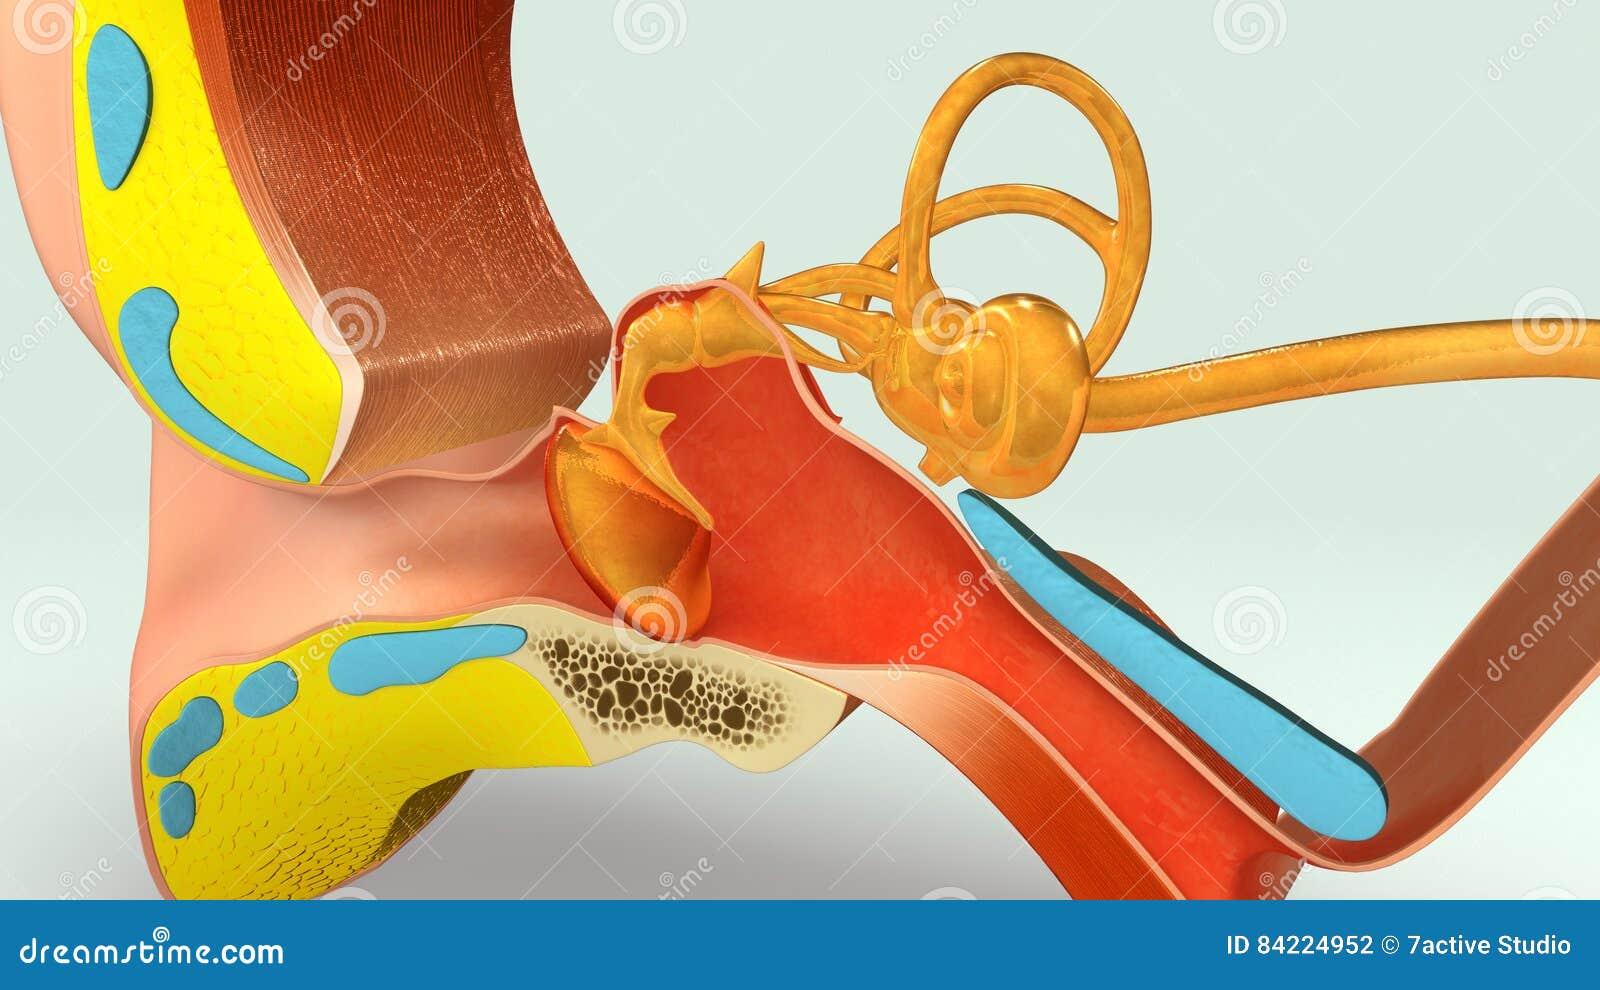 Ohr-Abschnitt stock abbildung. Illustration von anatomie - 84224952